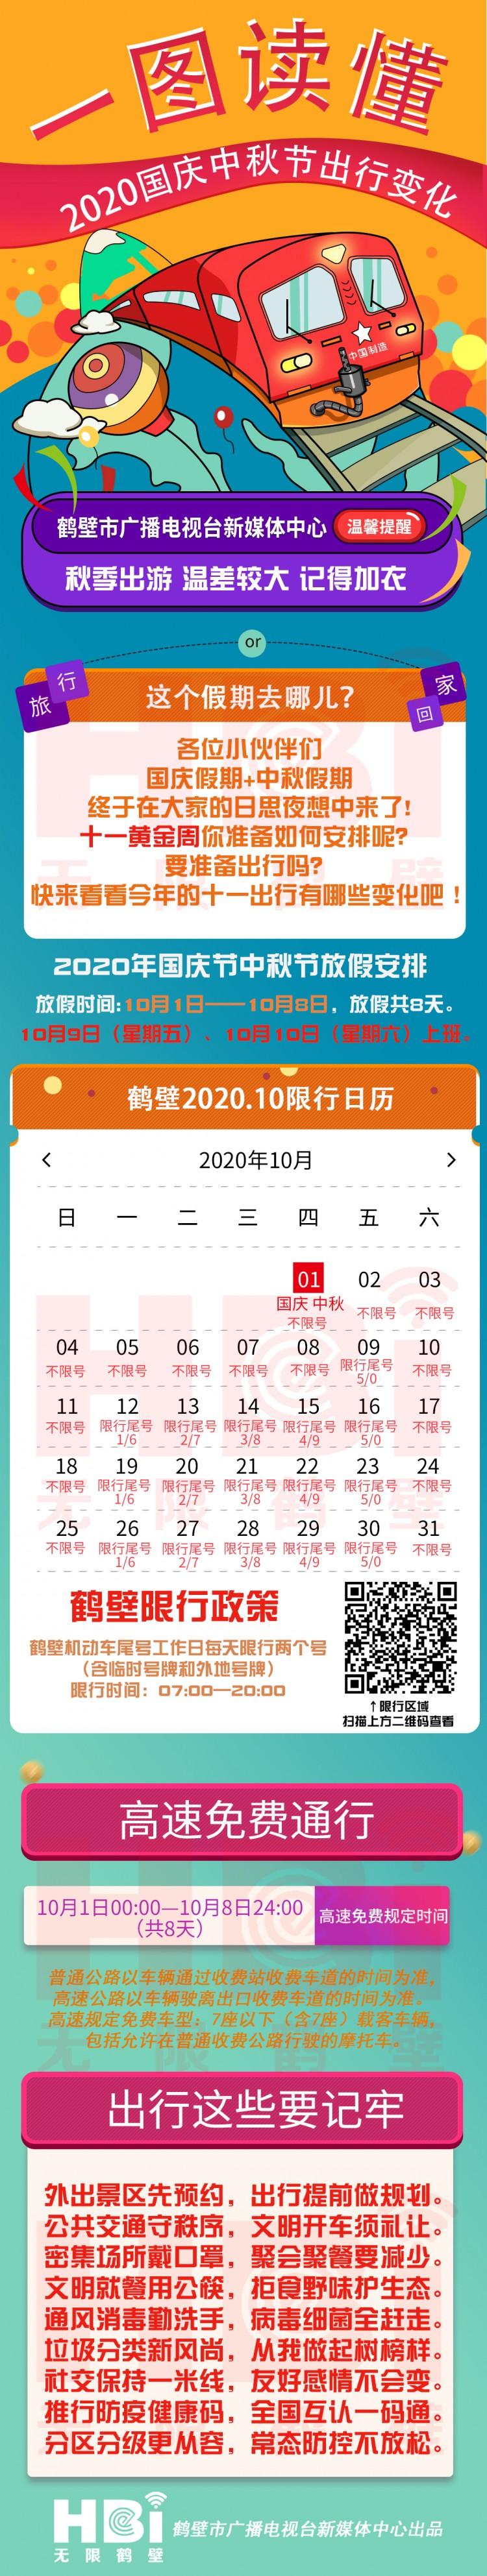 微信图片_20200930175337.jpg